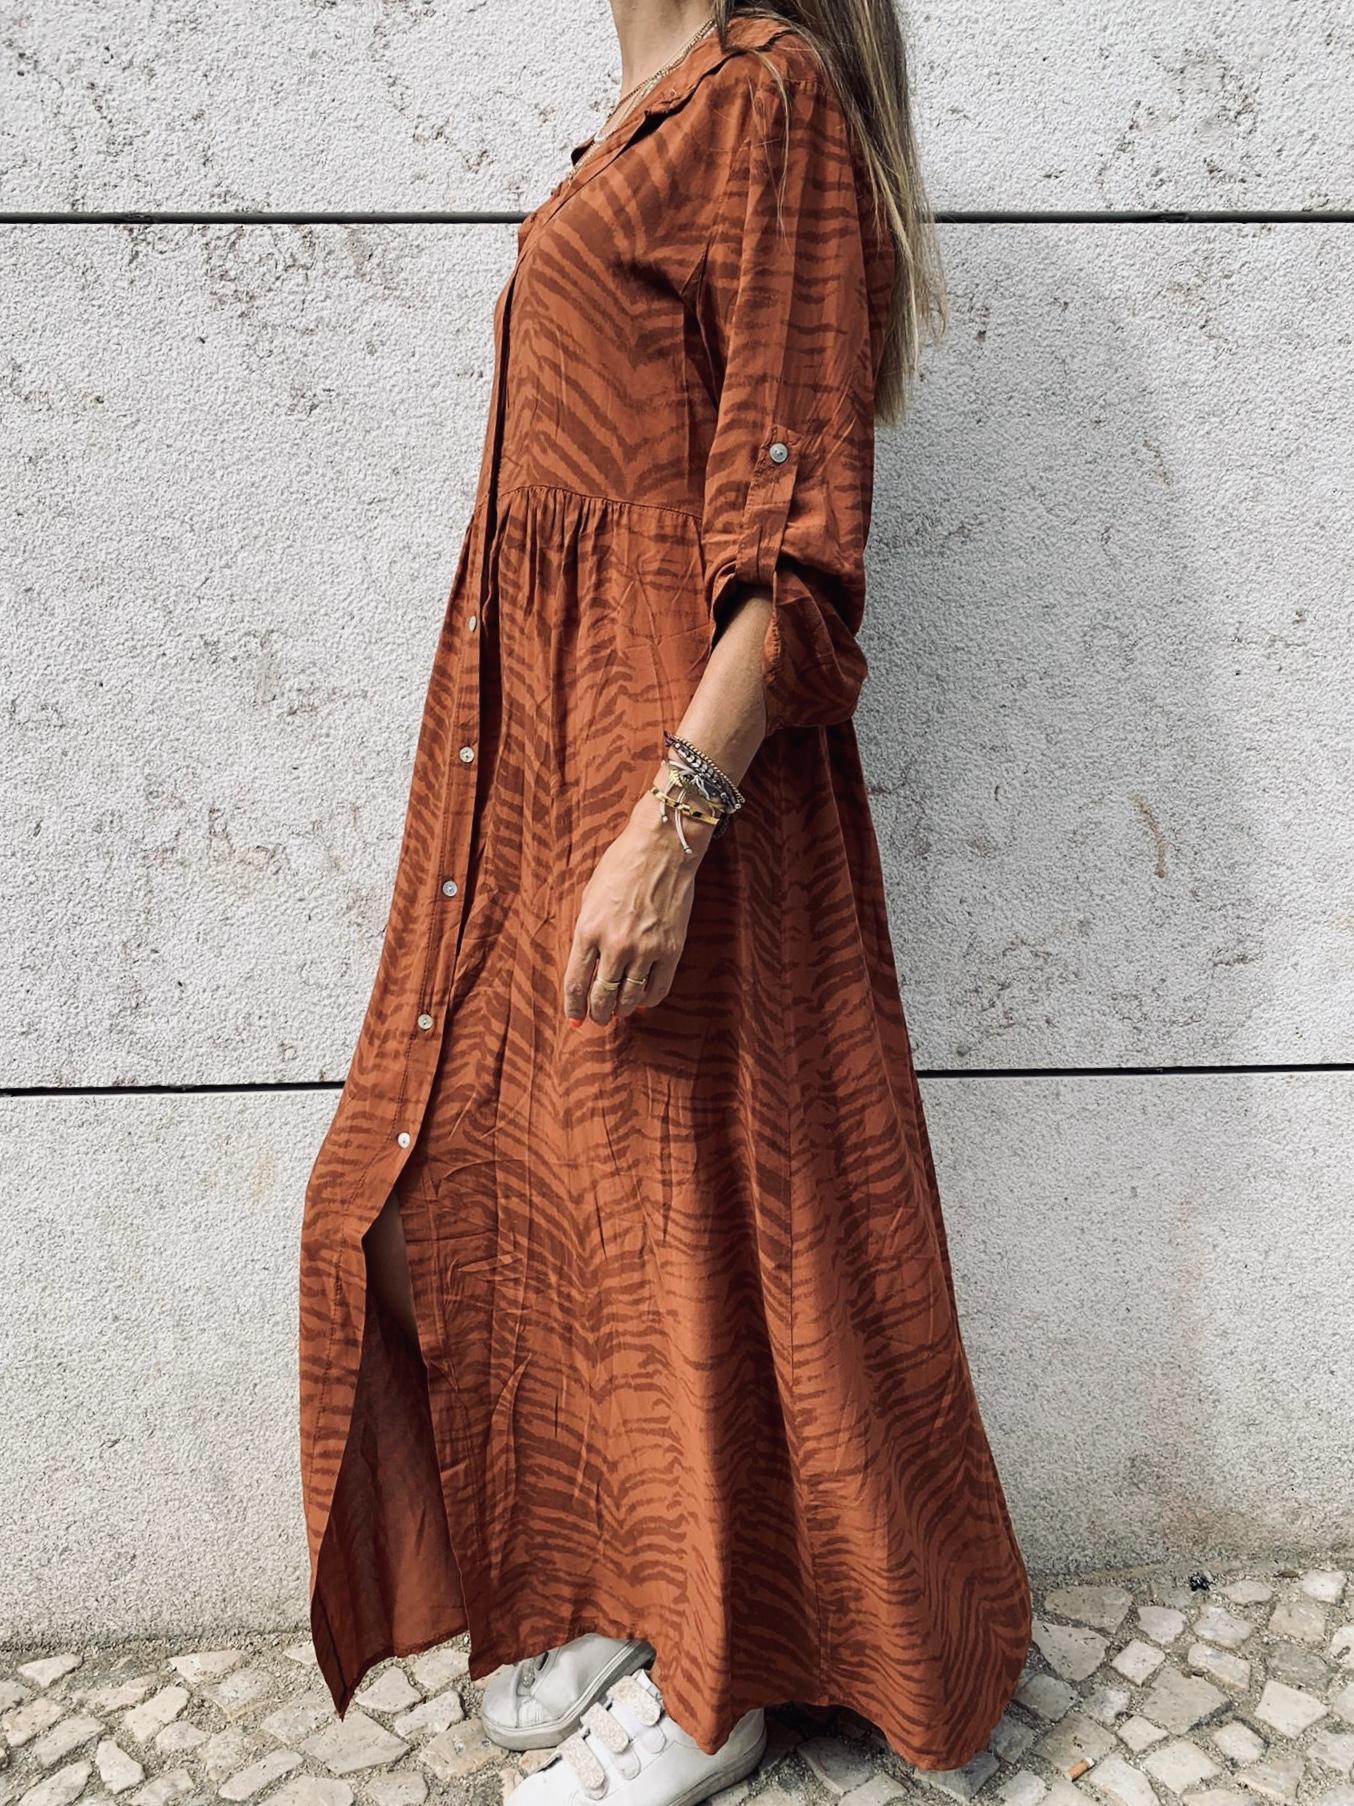 Vestido Comprido com Padrão Tijolo